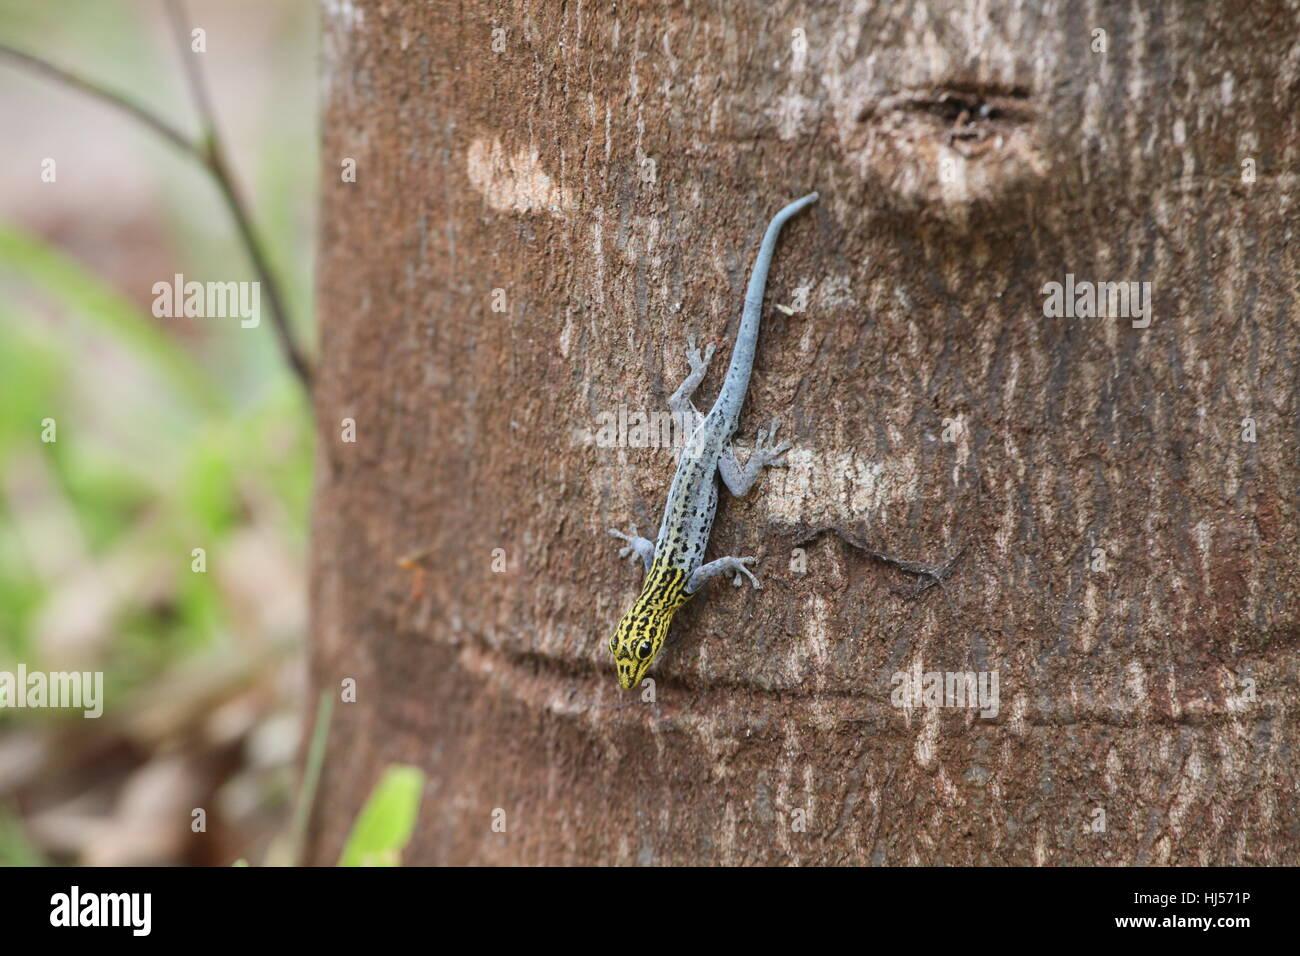 reptile, reptiles, crawler, tanzania, zanzibar, reptile, reptiles, crawler, Stock Photo